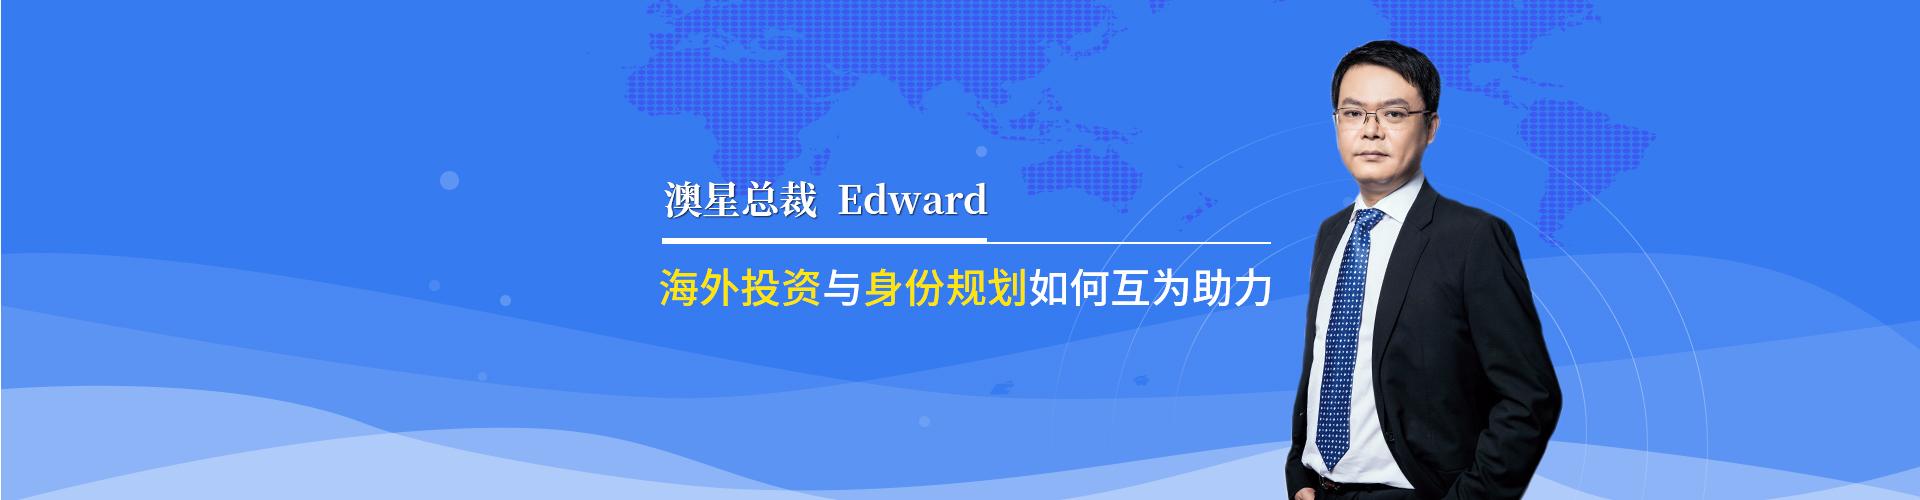 Edward談海外投資與身份規劃